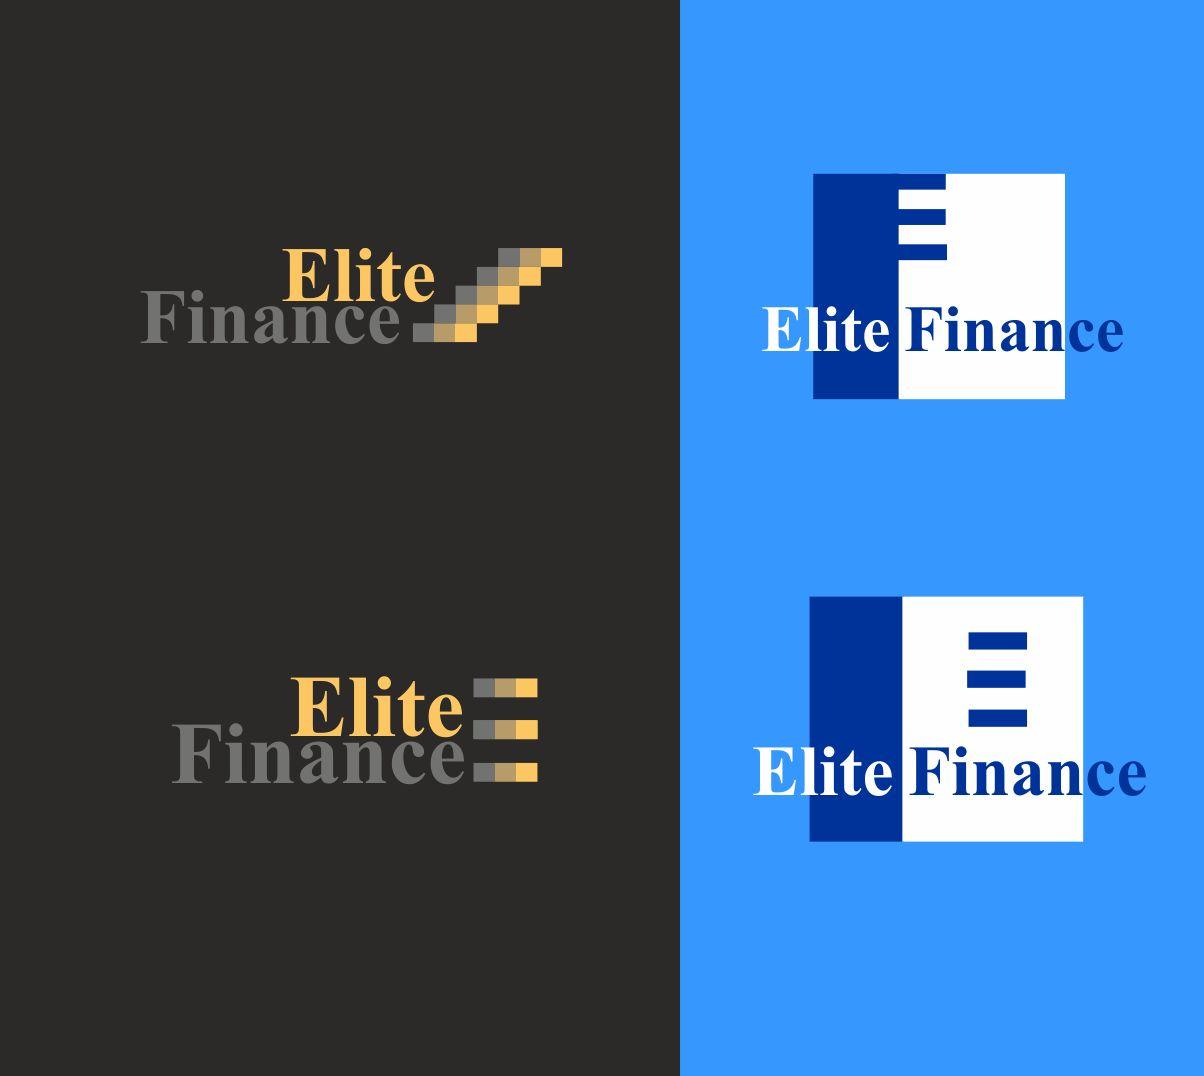 Разработка логотипа компании фото f_4df66caff1714.jpg